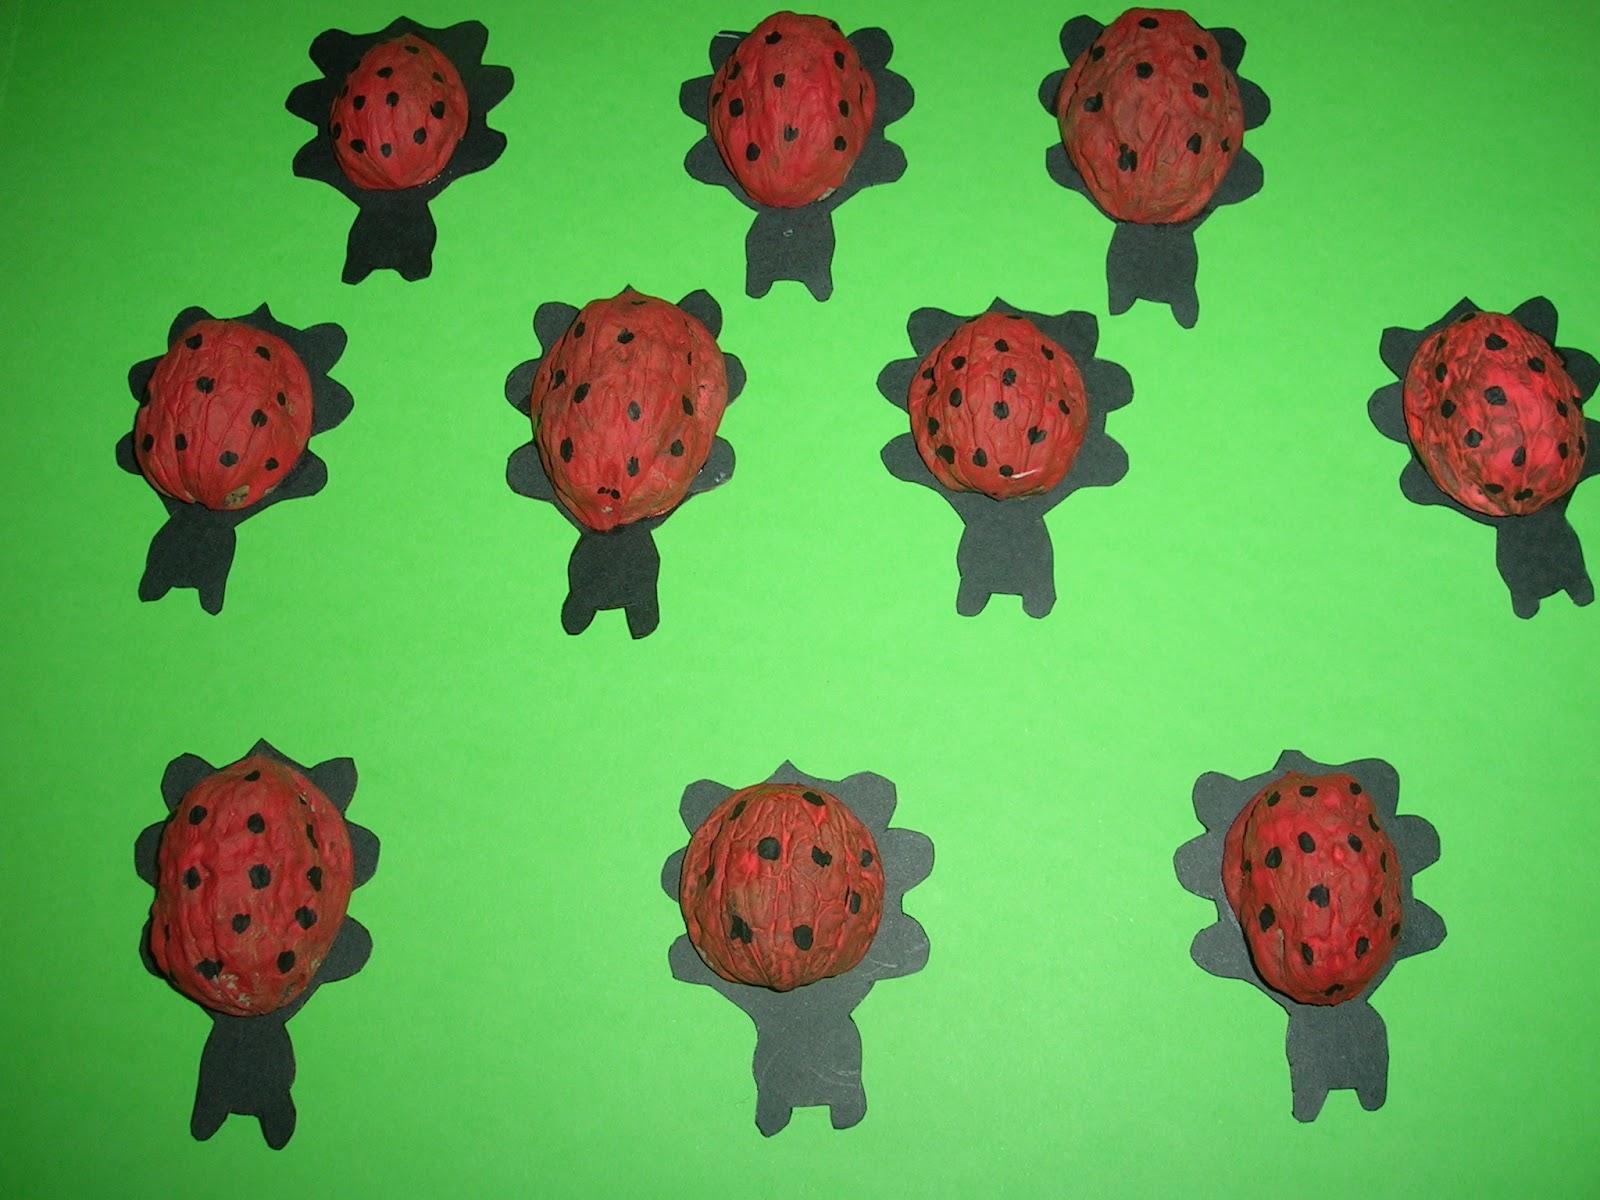 Trabajando en educaci n infantil junio 2012 - Cascara nueces para decorar ...